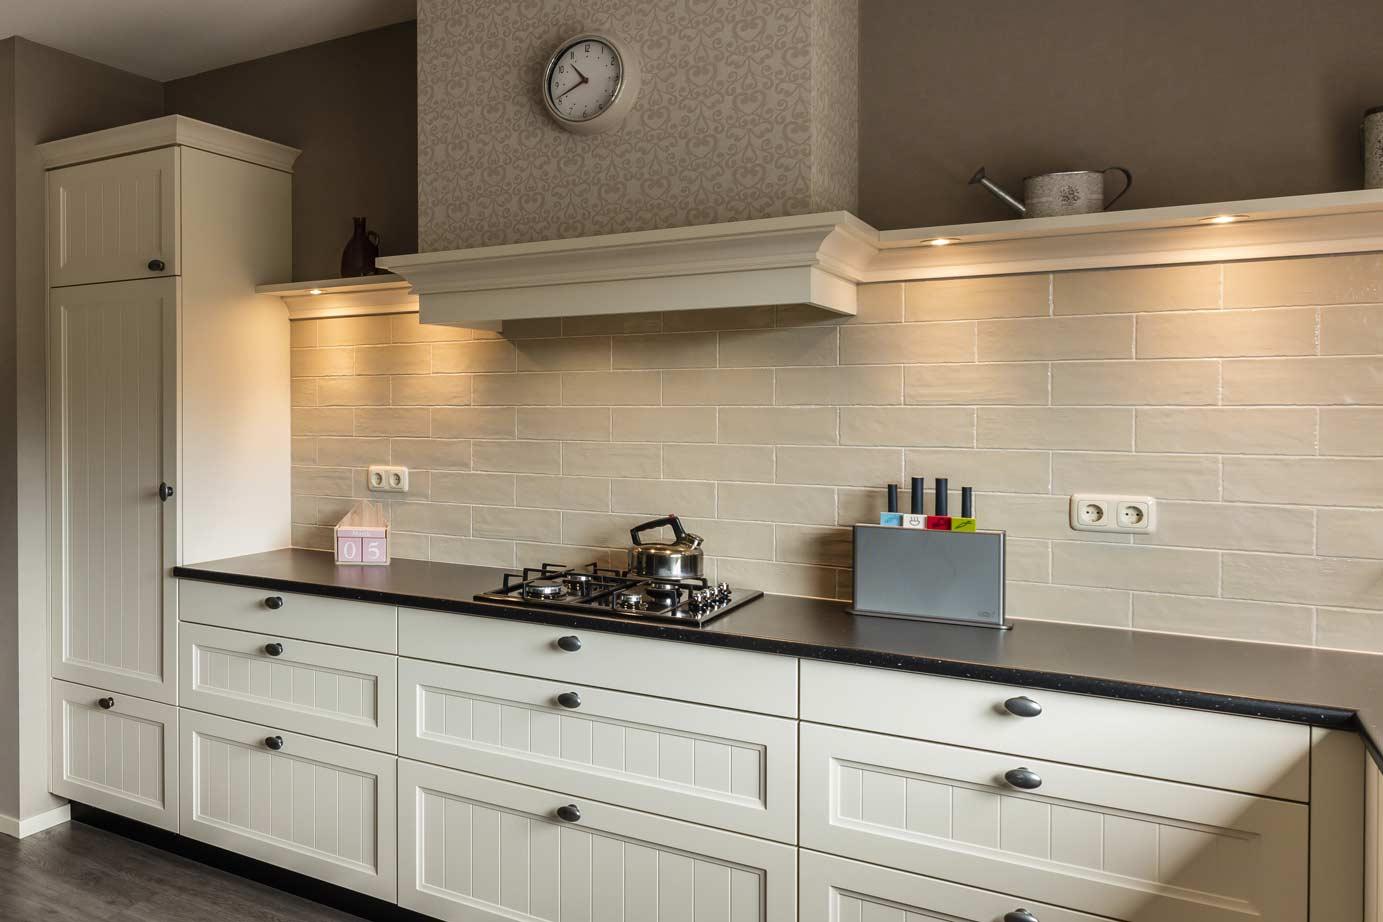 Tegels voor de keuken en badkamer eigen montage db keukens